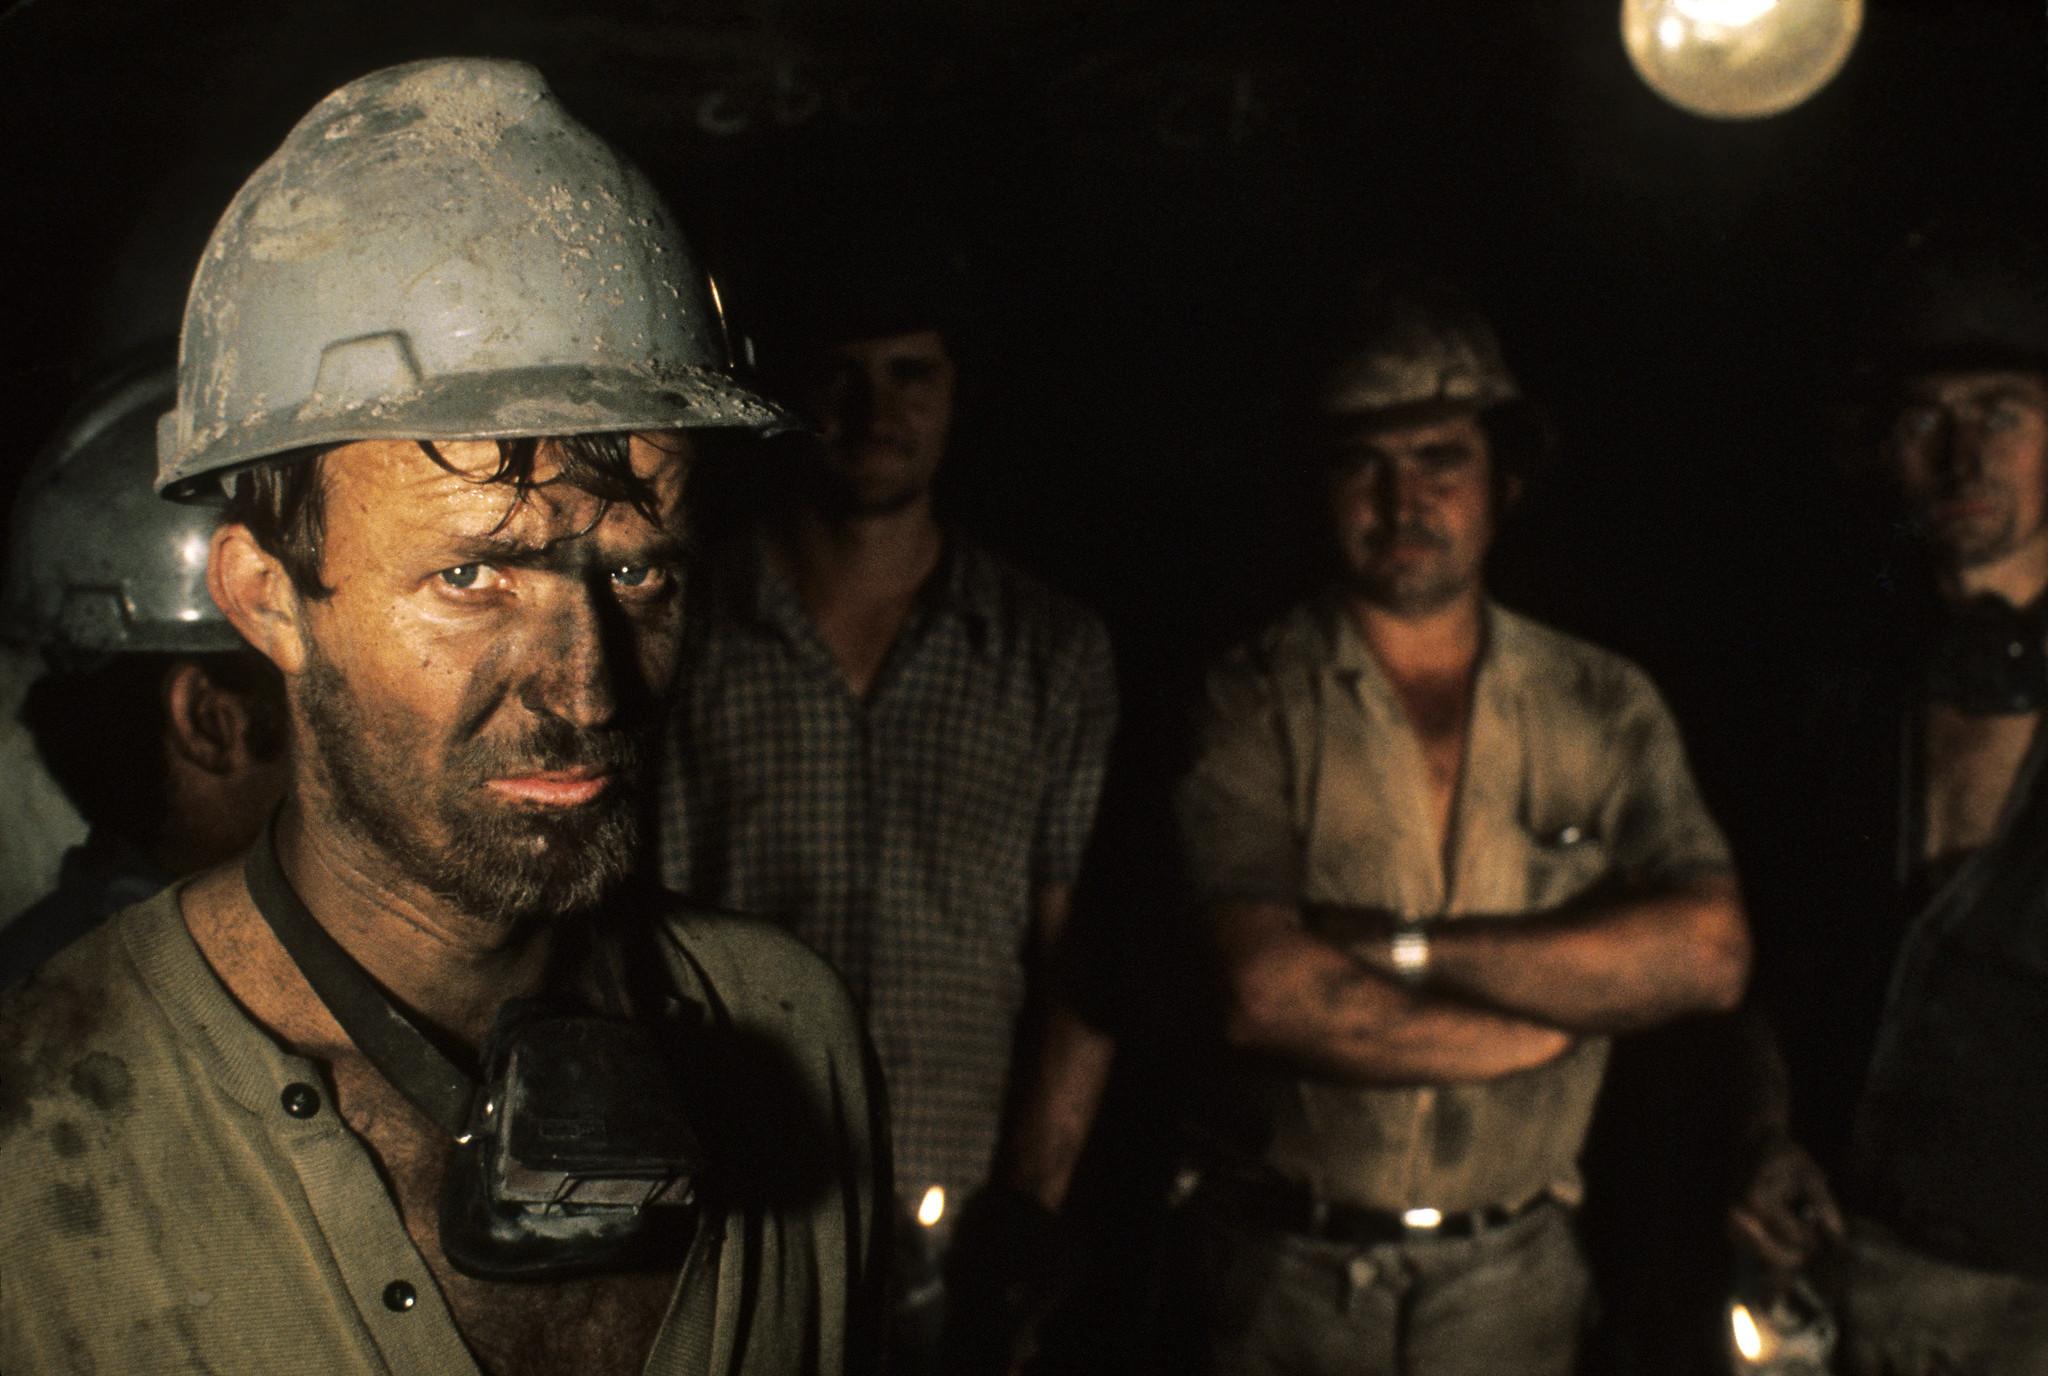 Coal miners in Criseluna, Santa Catarina, Brazil.